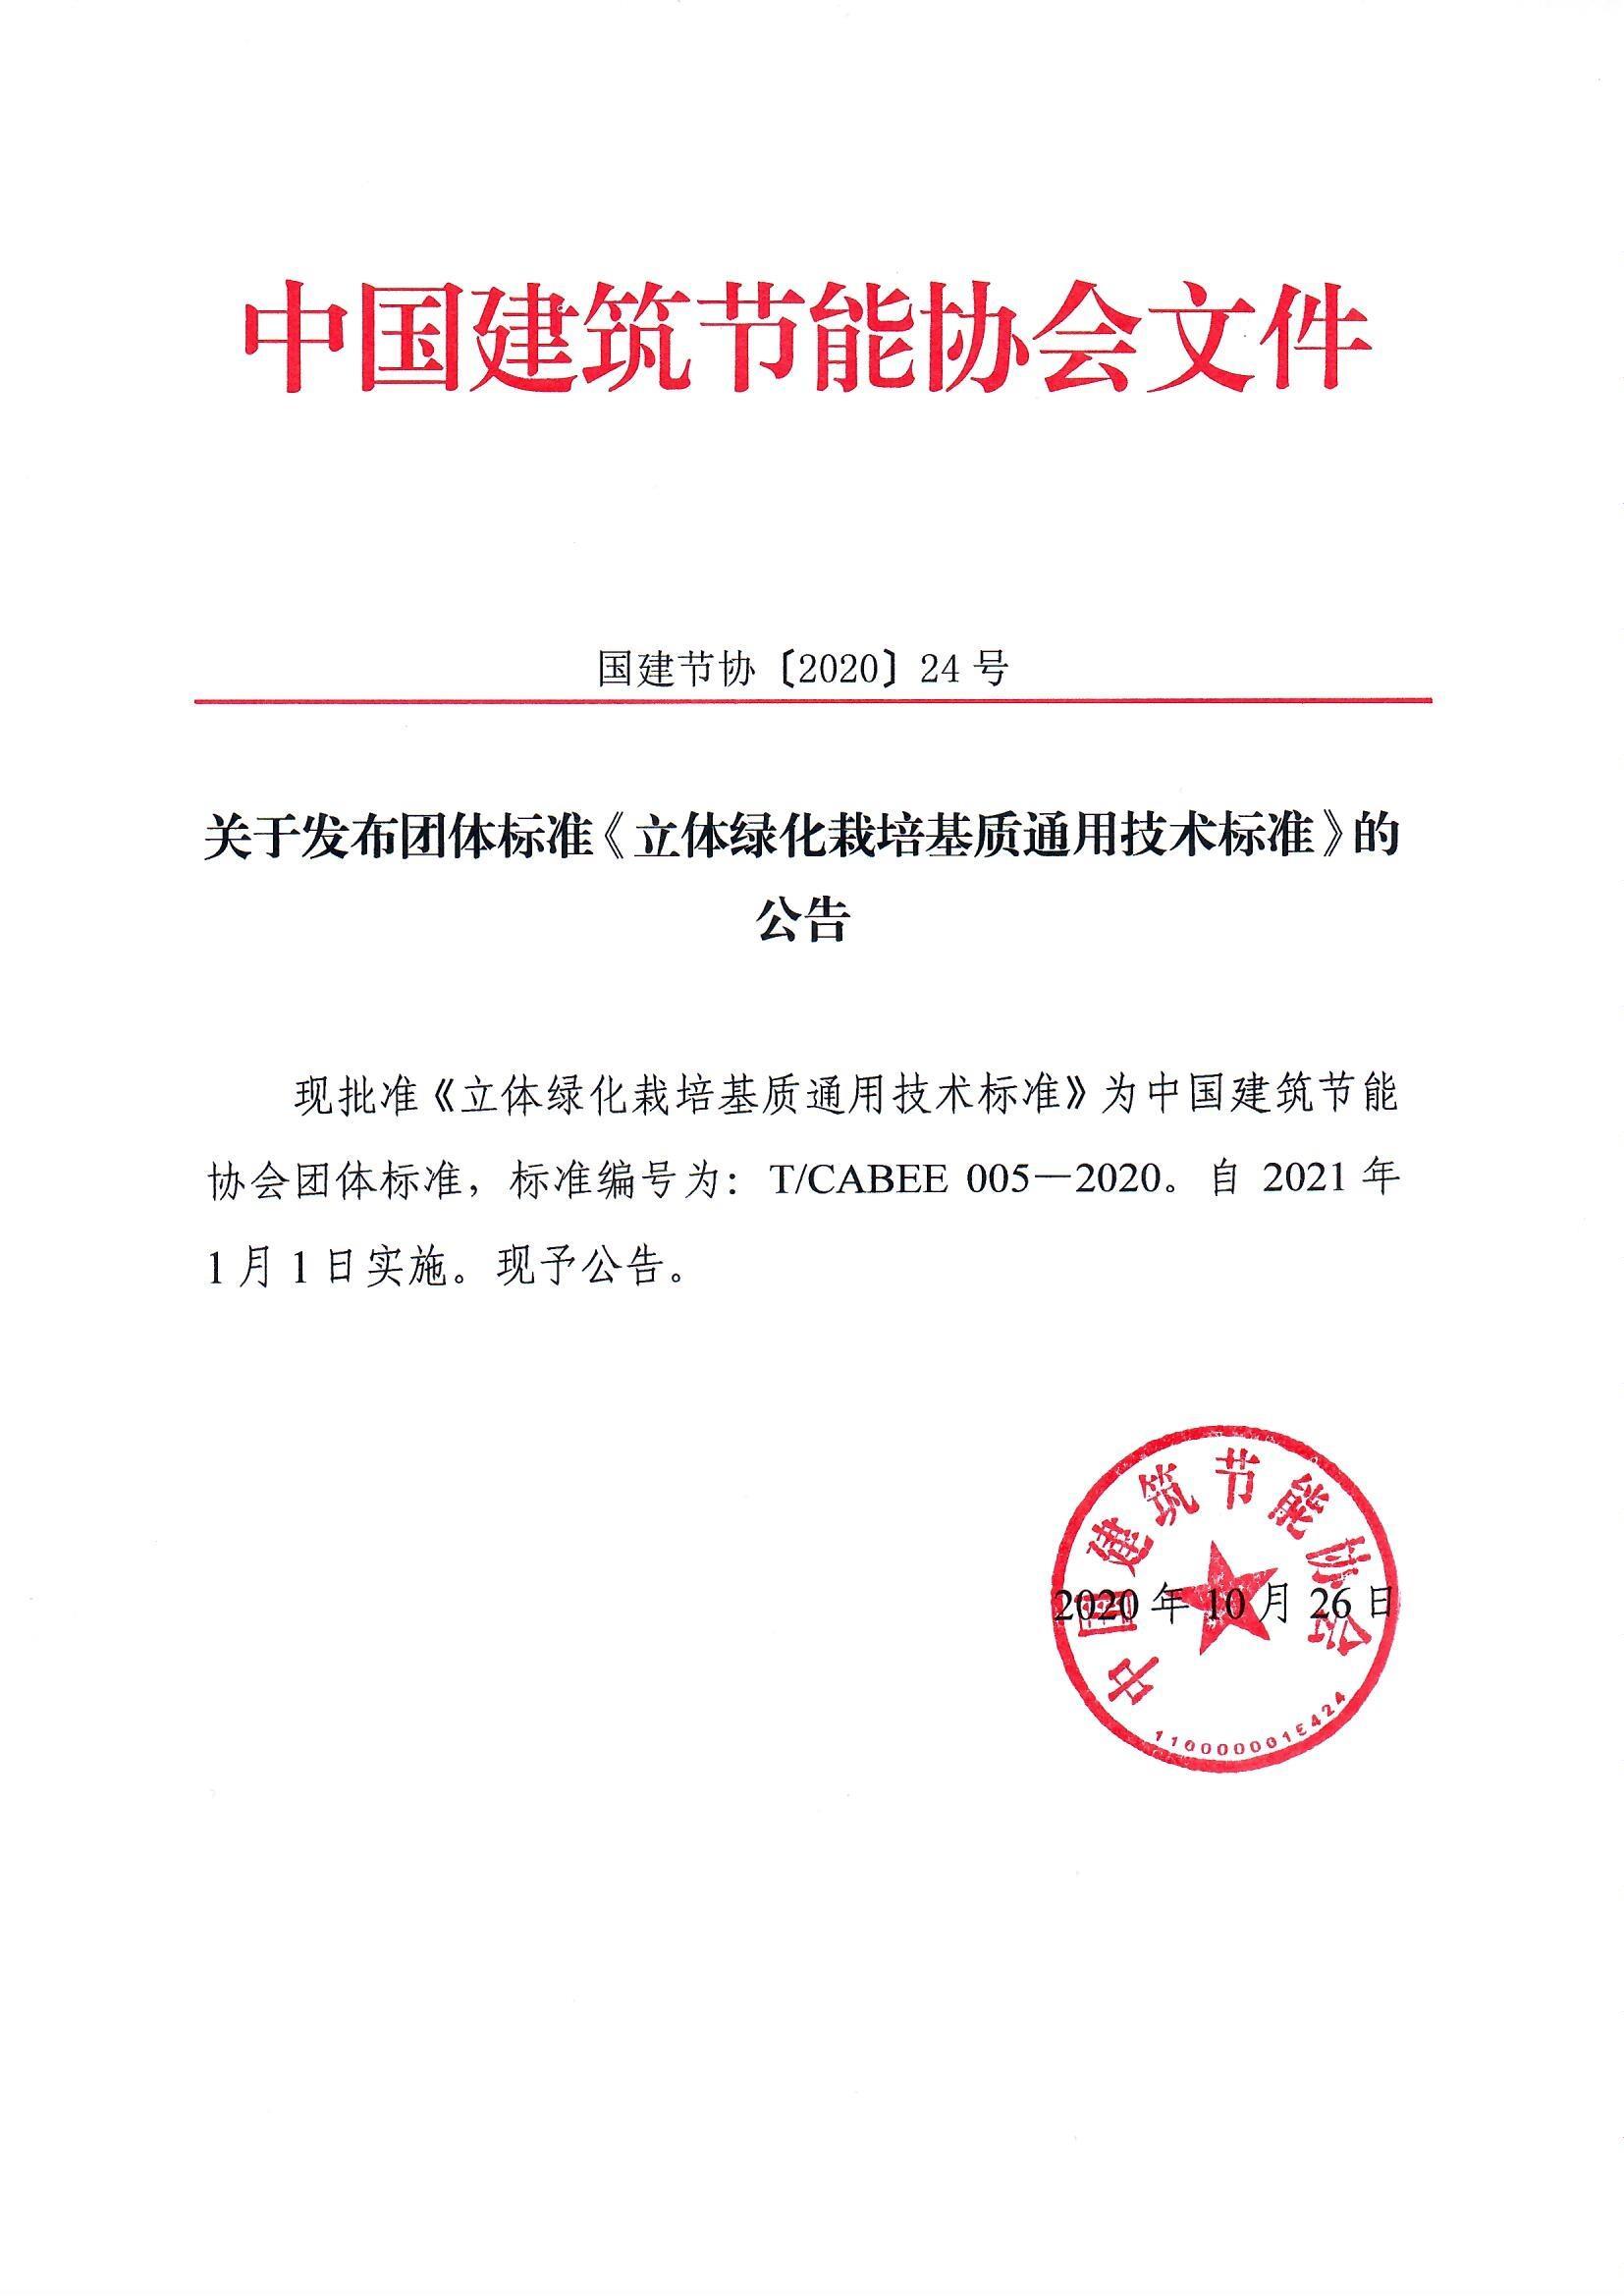 5.关于发布《立体绿化栽培基质通用技术标准》团体标准的公告.jpg